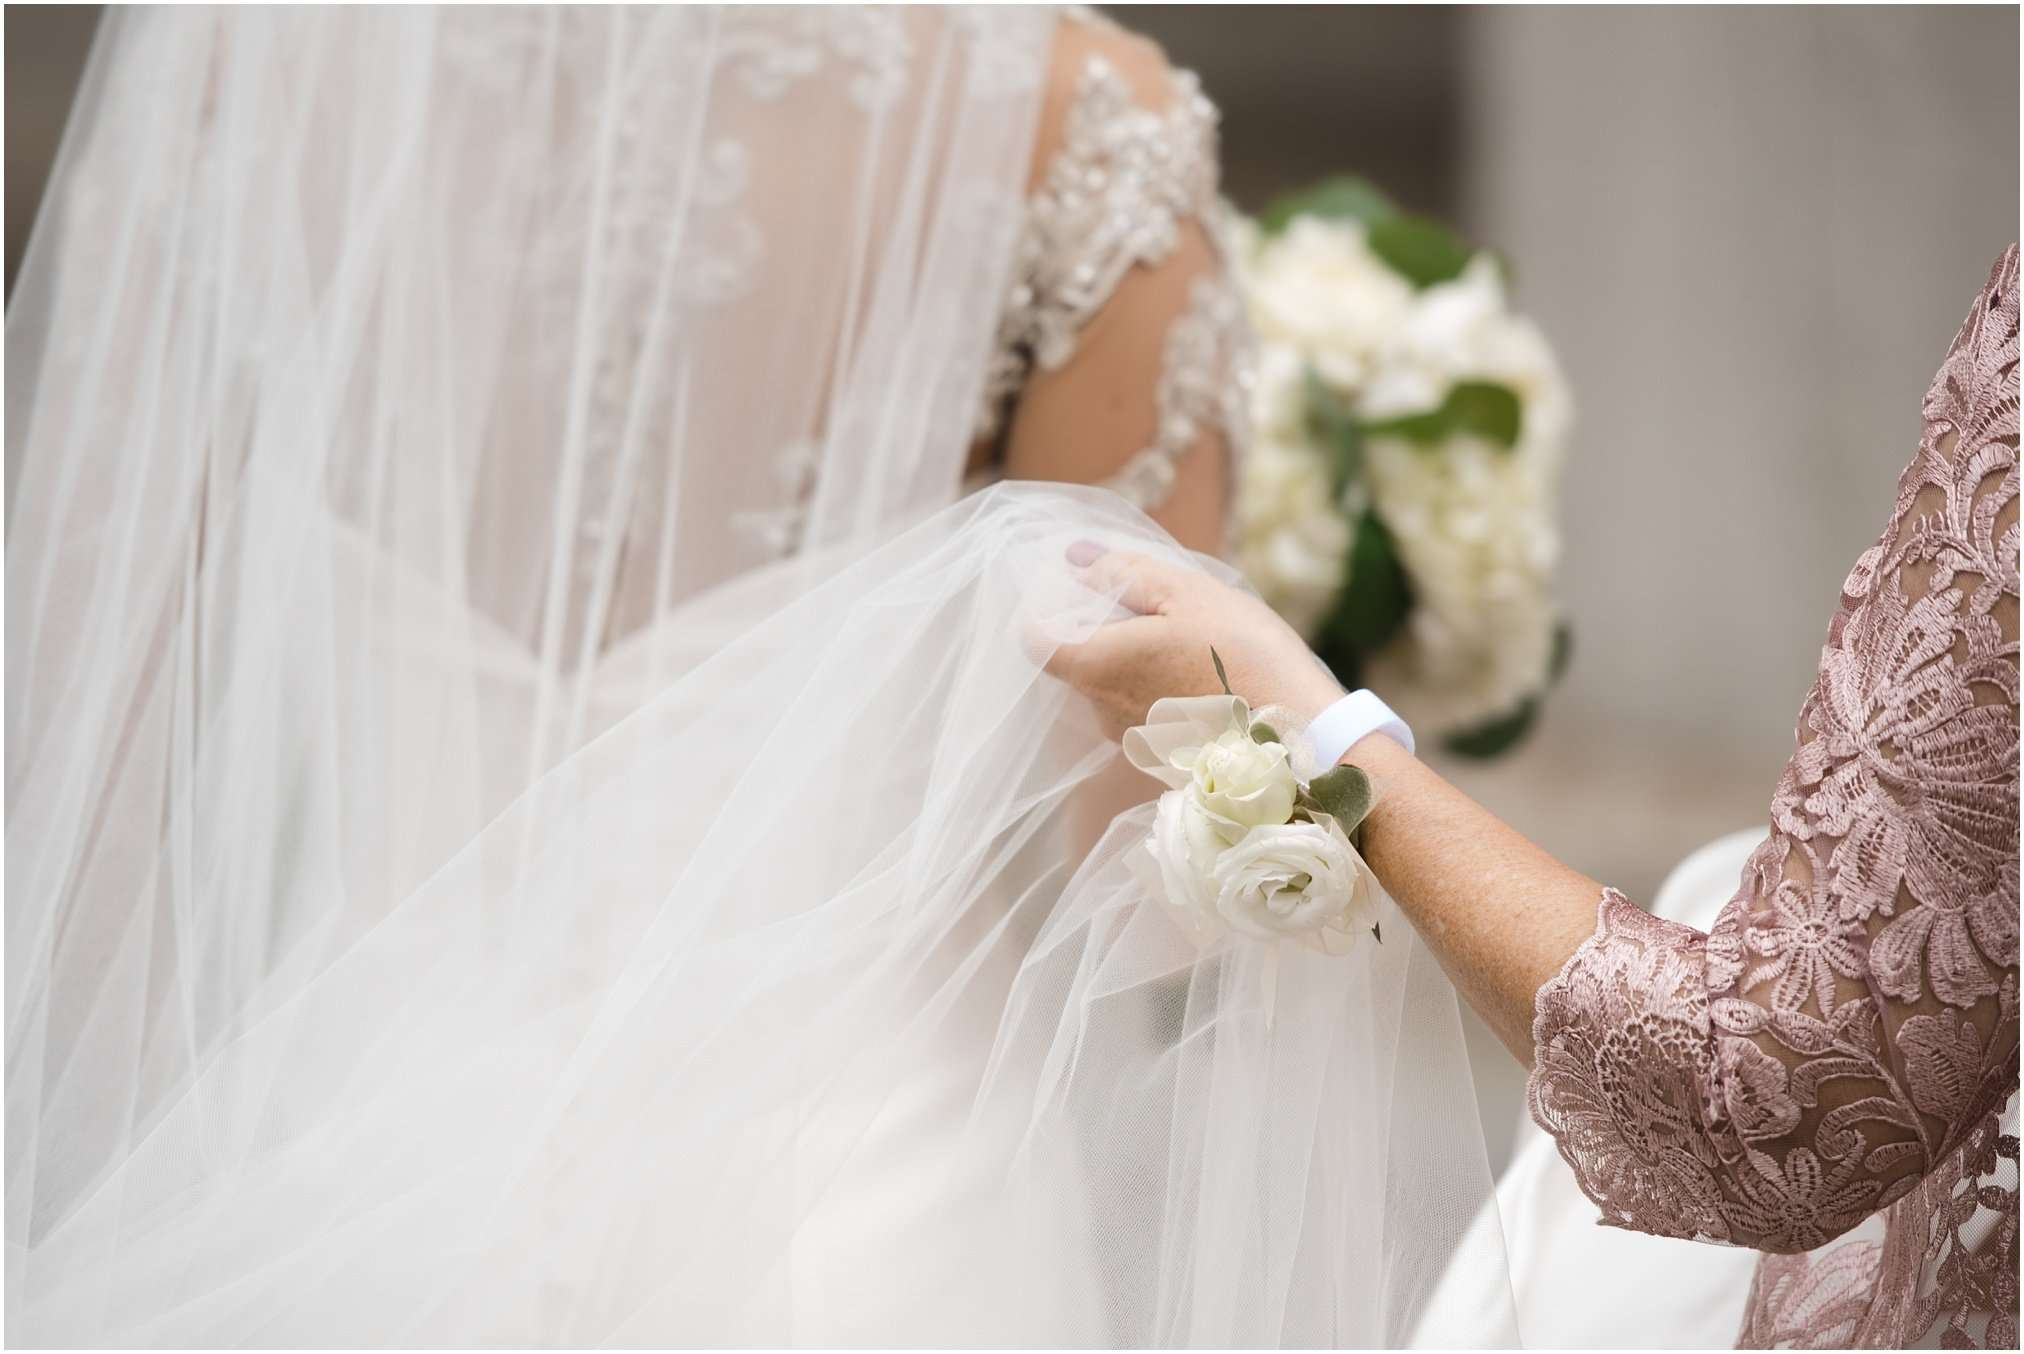 Spring Wedding at the Ohio Statehouse | Columbus Ohio Photography 40